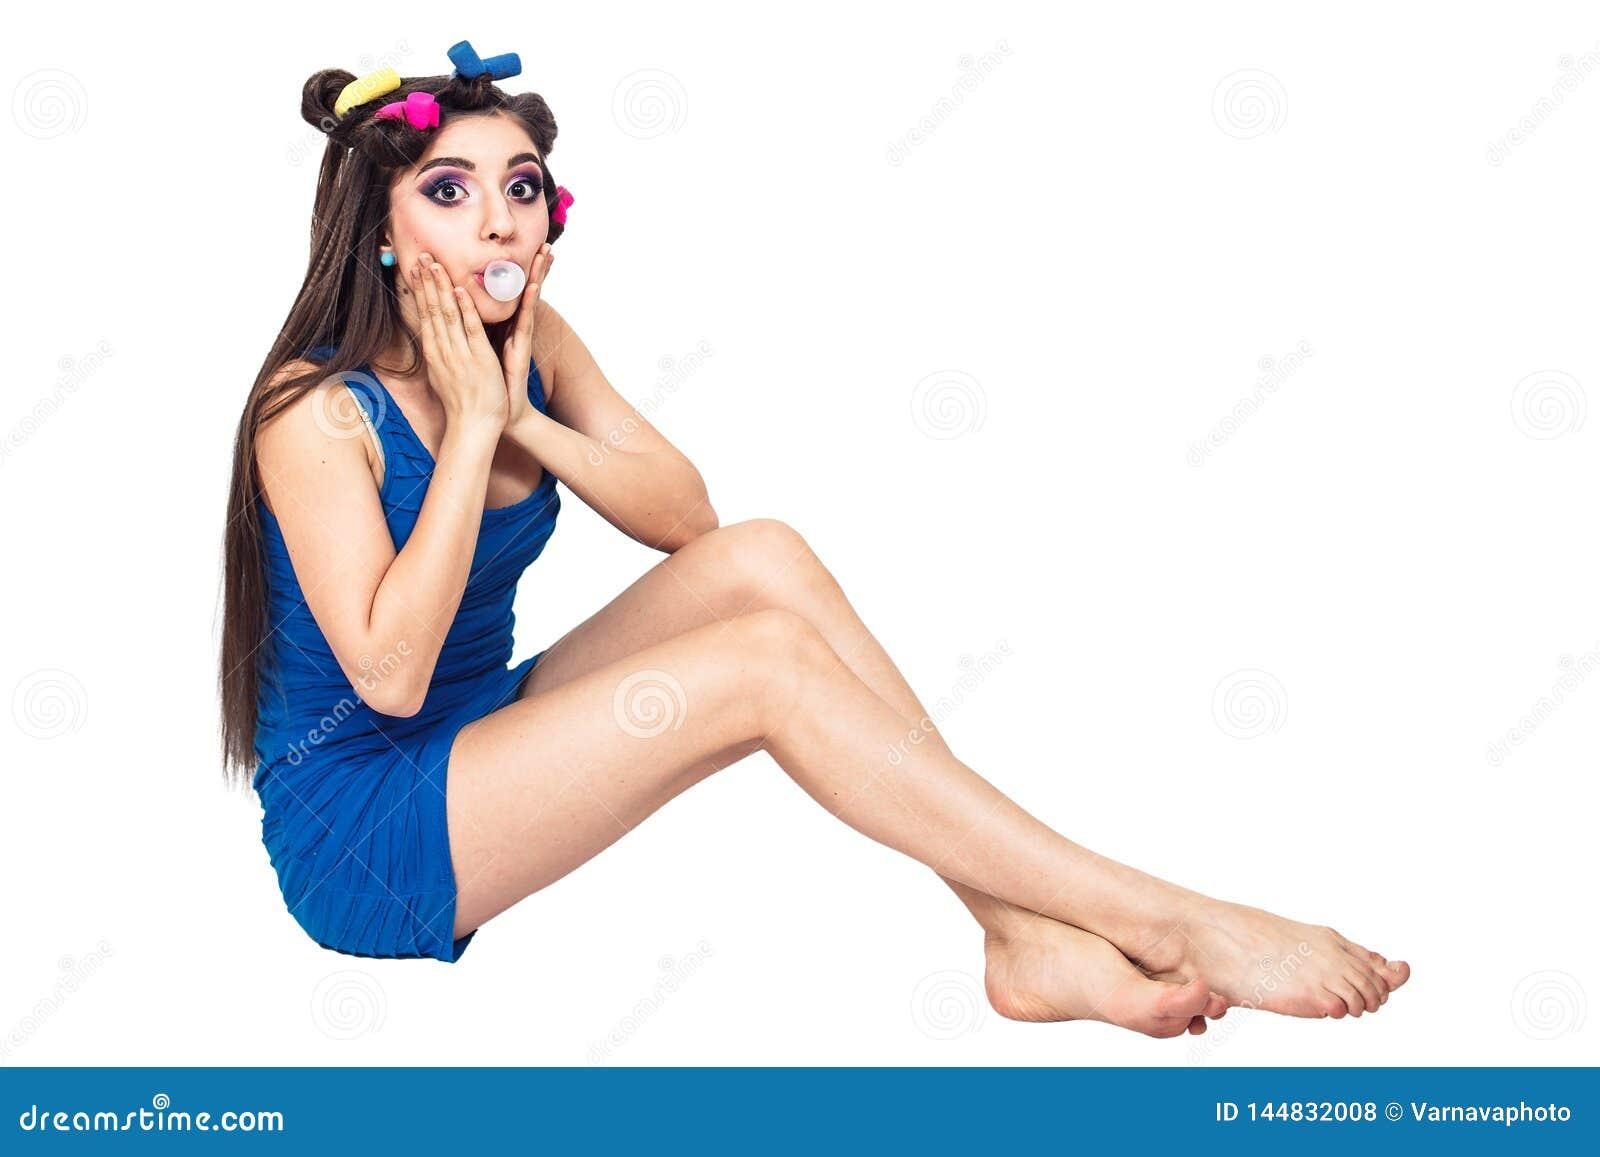 蓝色礼服的美丽的少女有卷发的人的坐地板并且嚼反刍食物